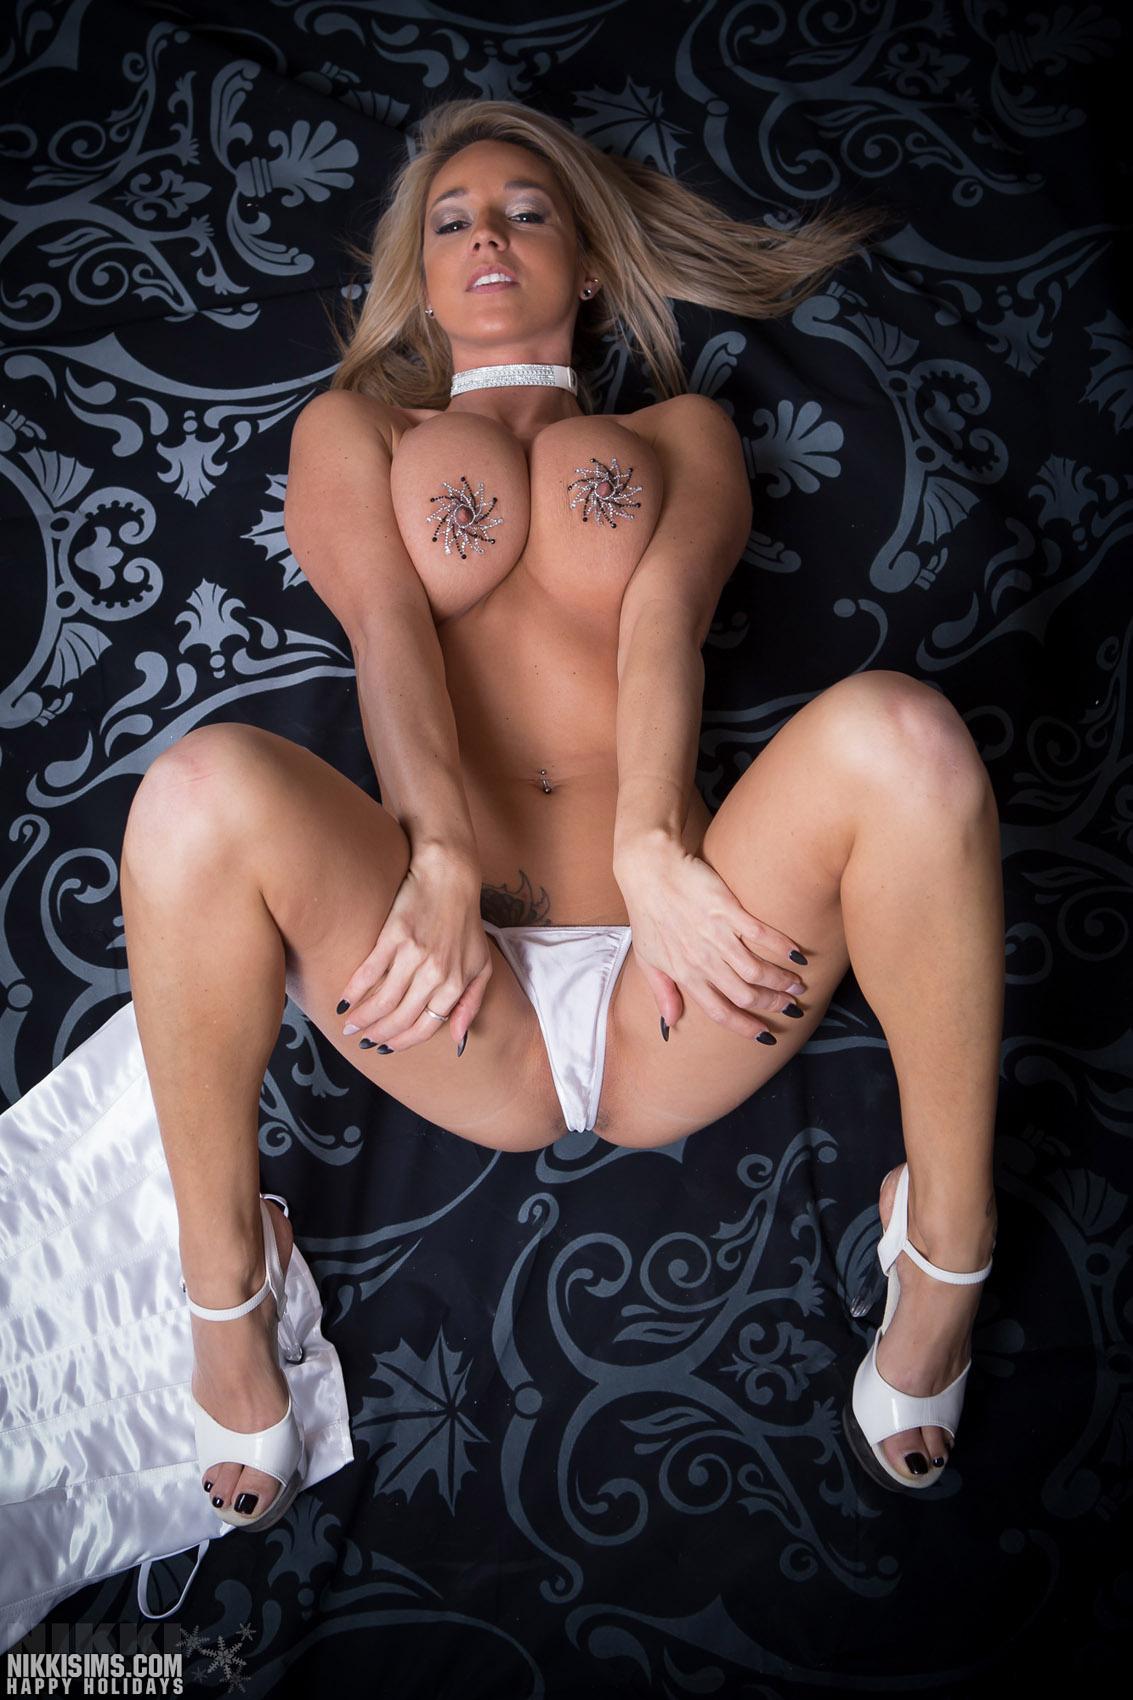 Cleavage Sailor Brinkley Cook nude photos 2019